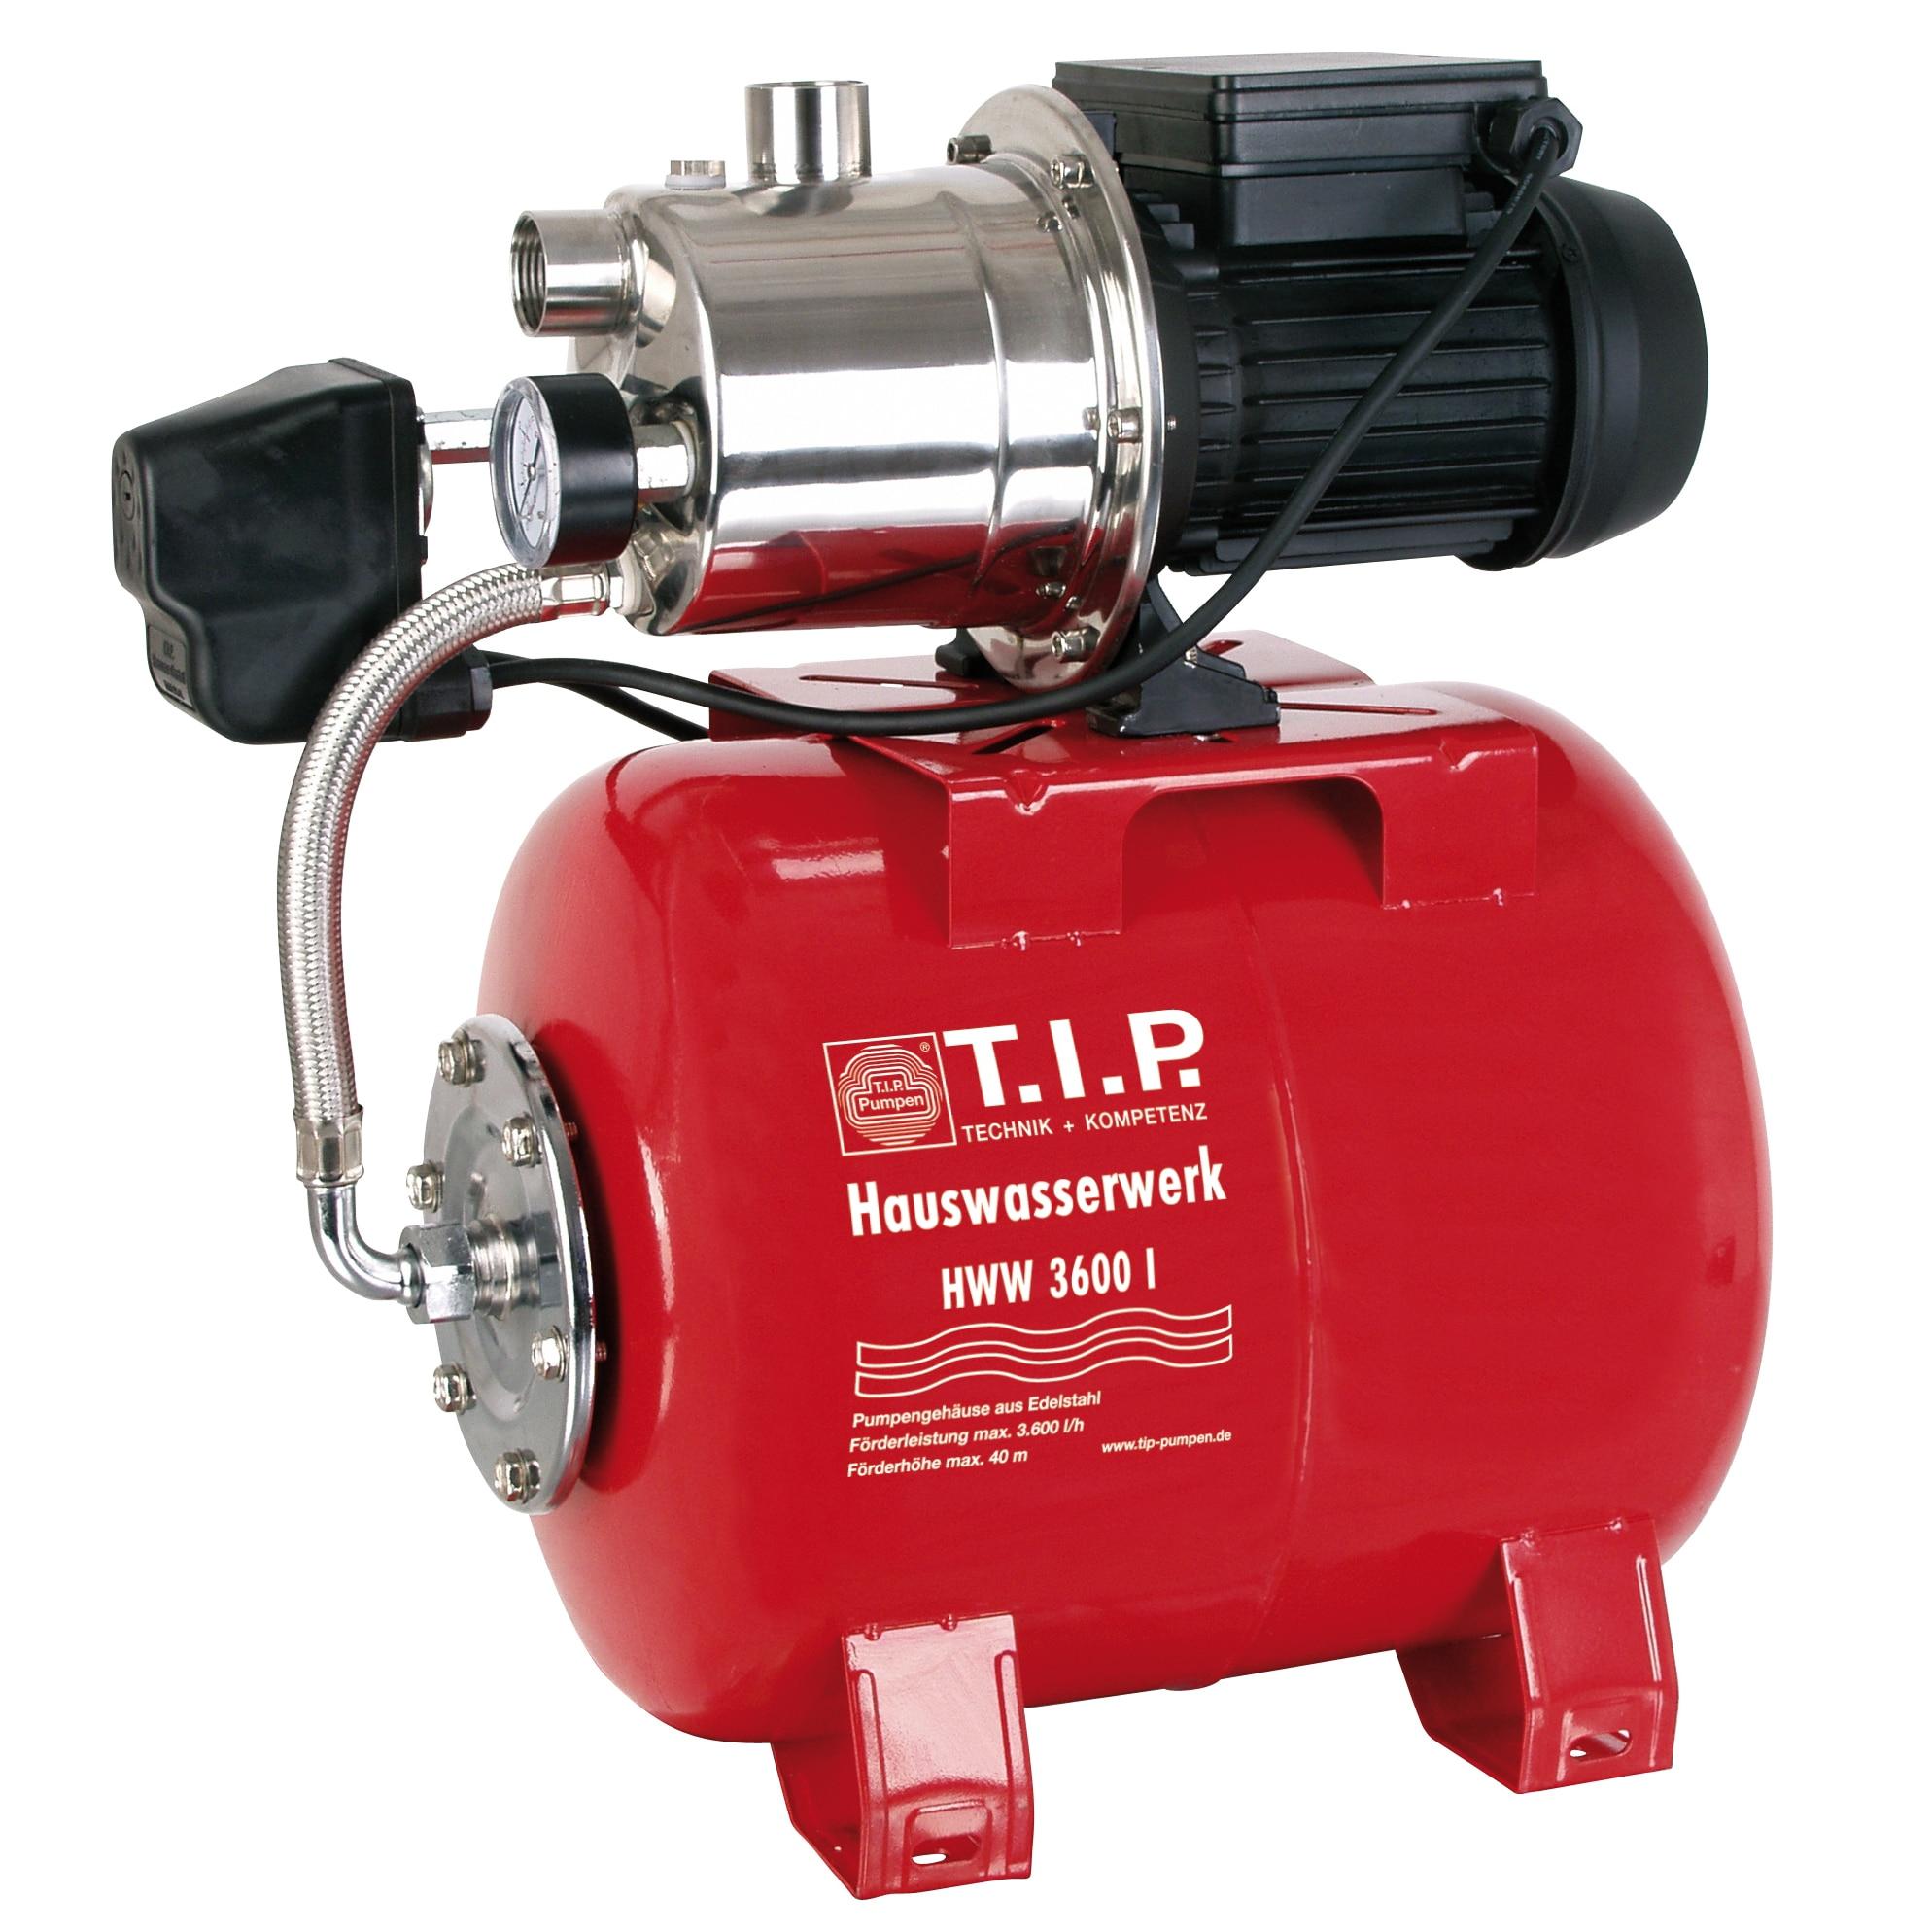 Fotografie Hidrofor T.I.P.Special HWW 3600 I, 650W, 18L, debit max. 3600l/h, 4 bar